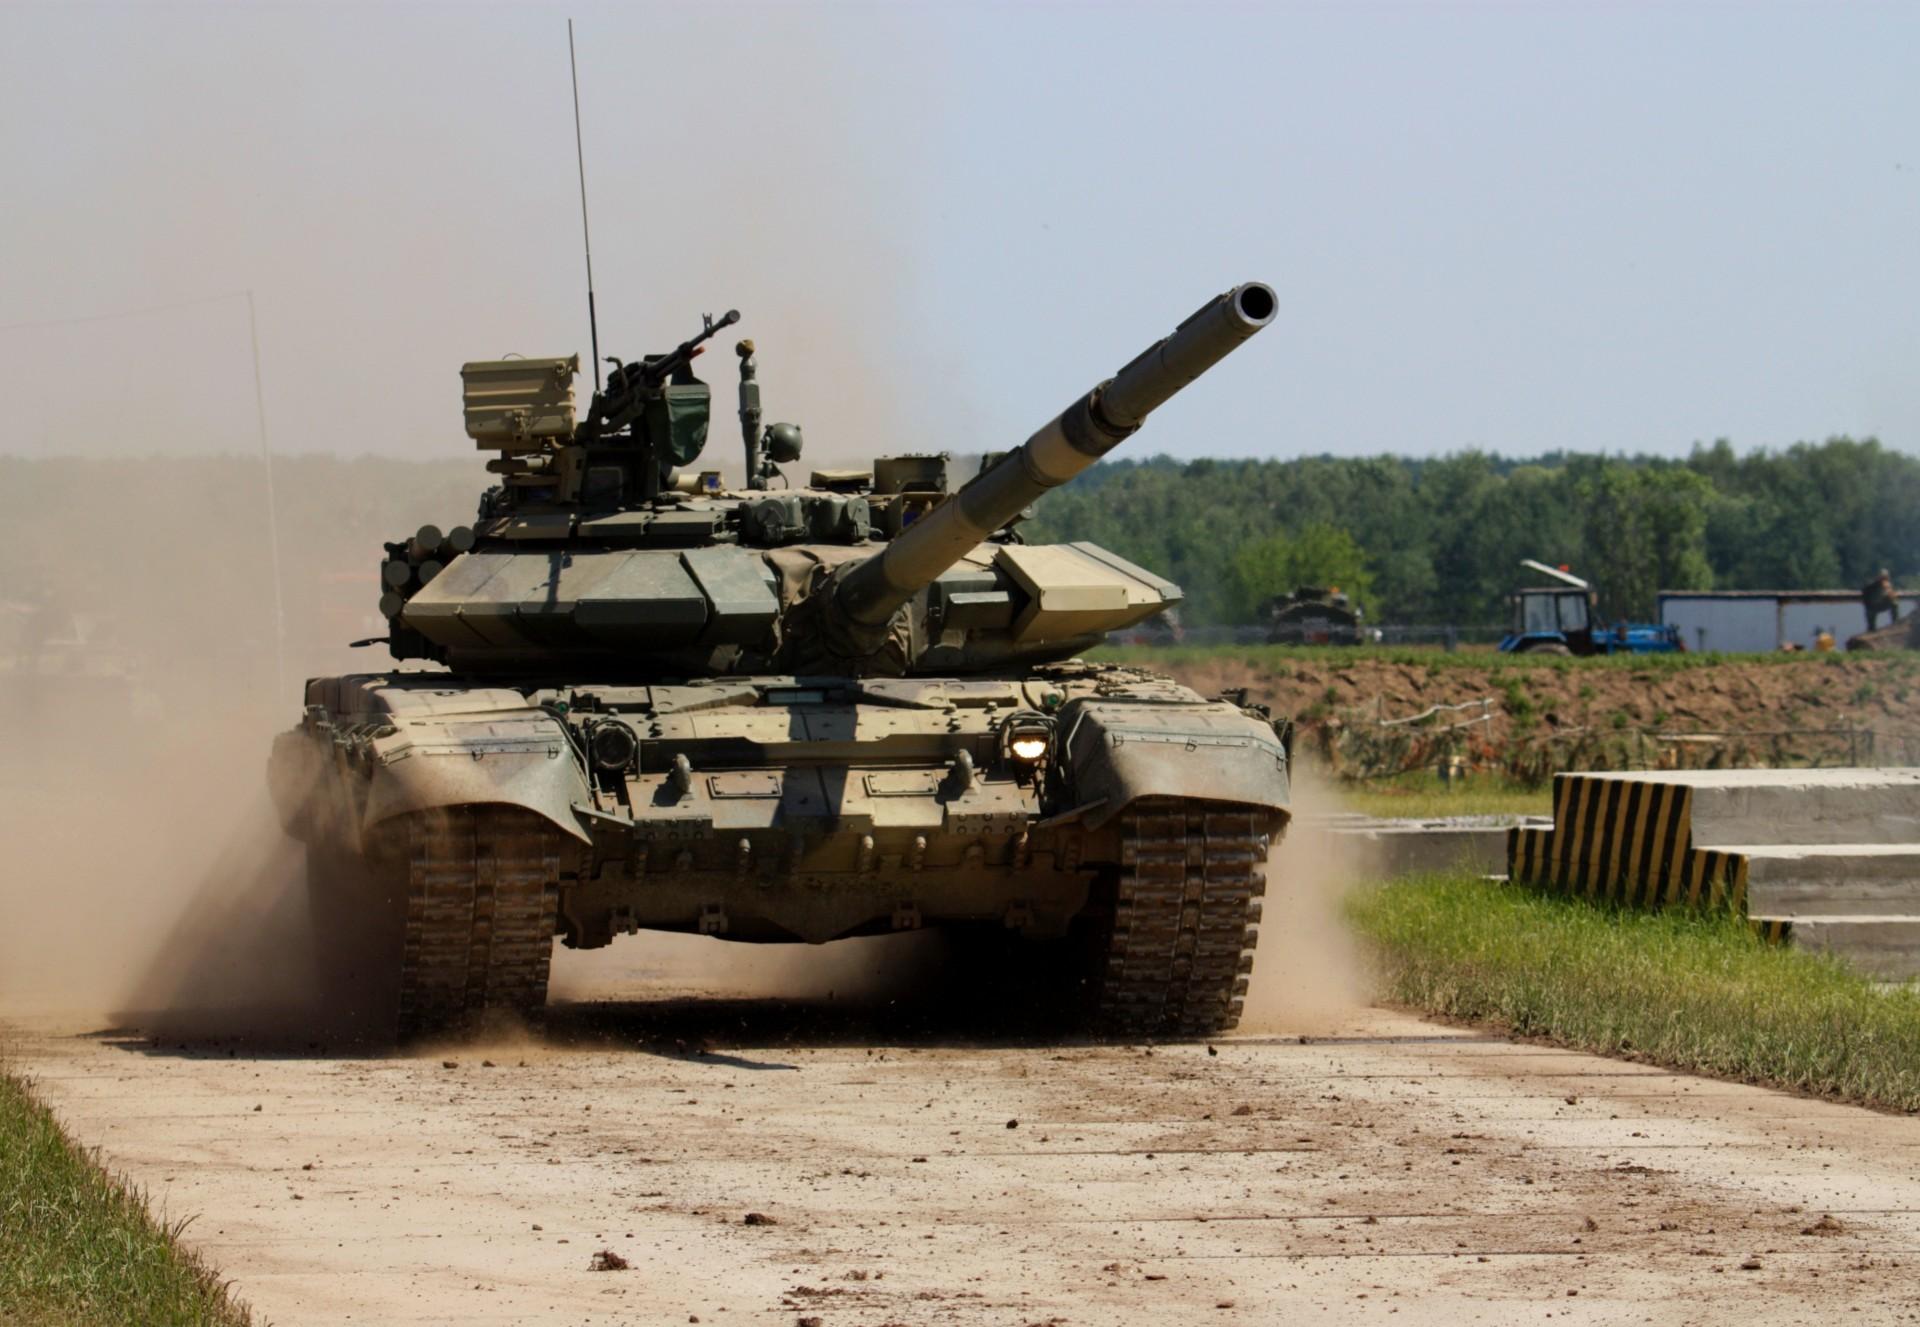 технику военную фото на